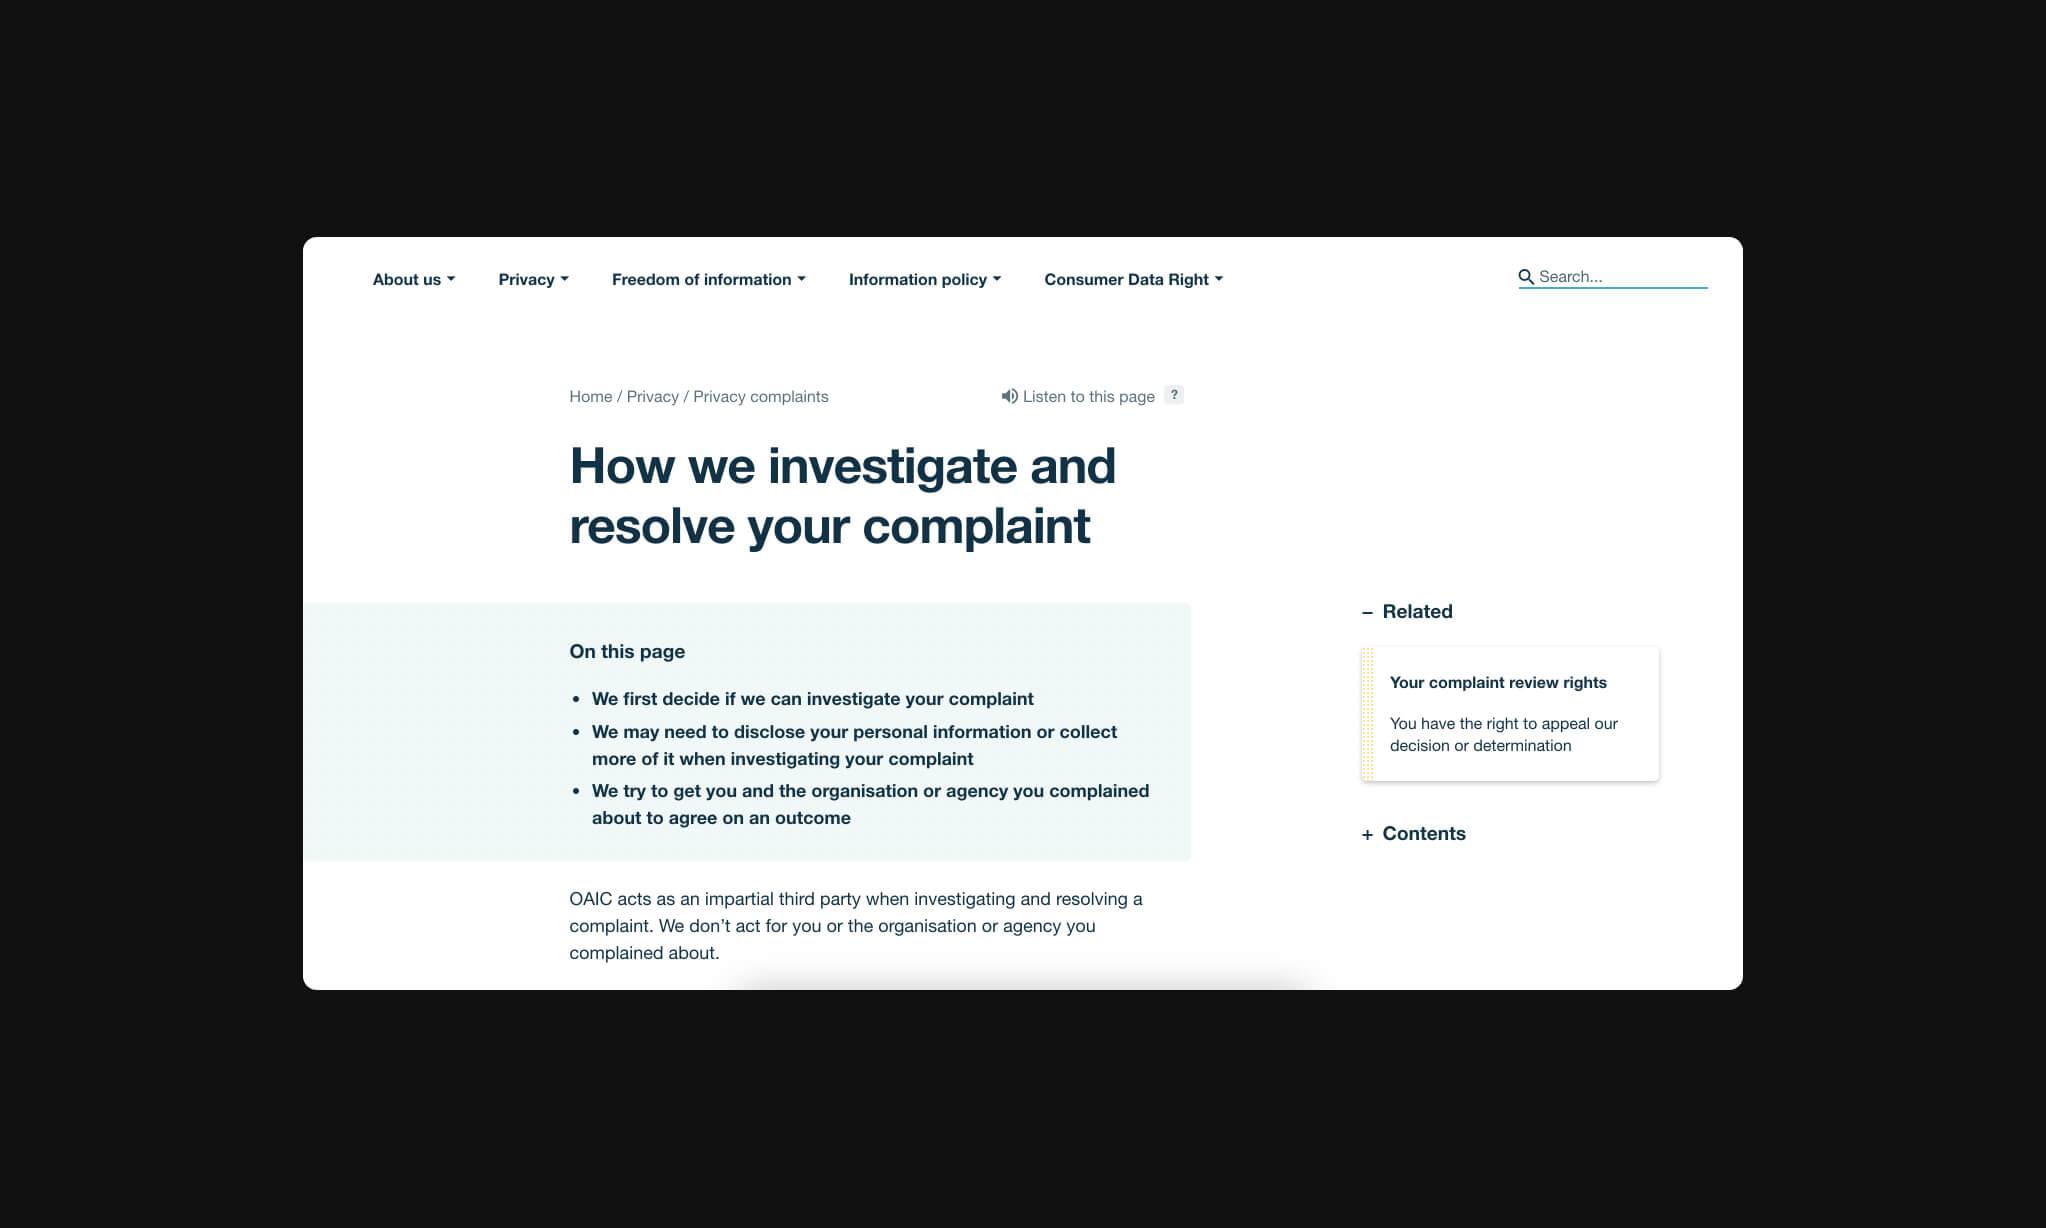 OAIC documentation image